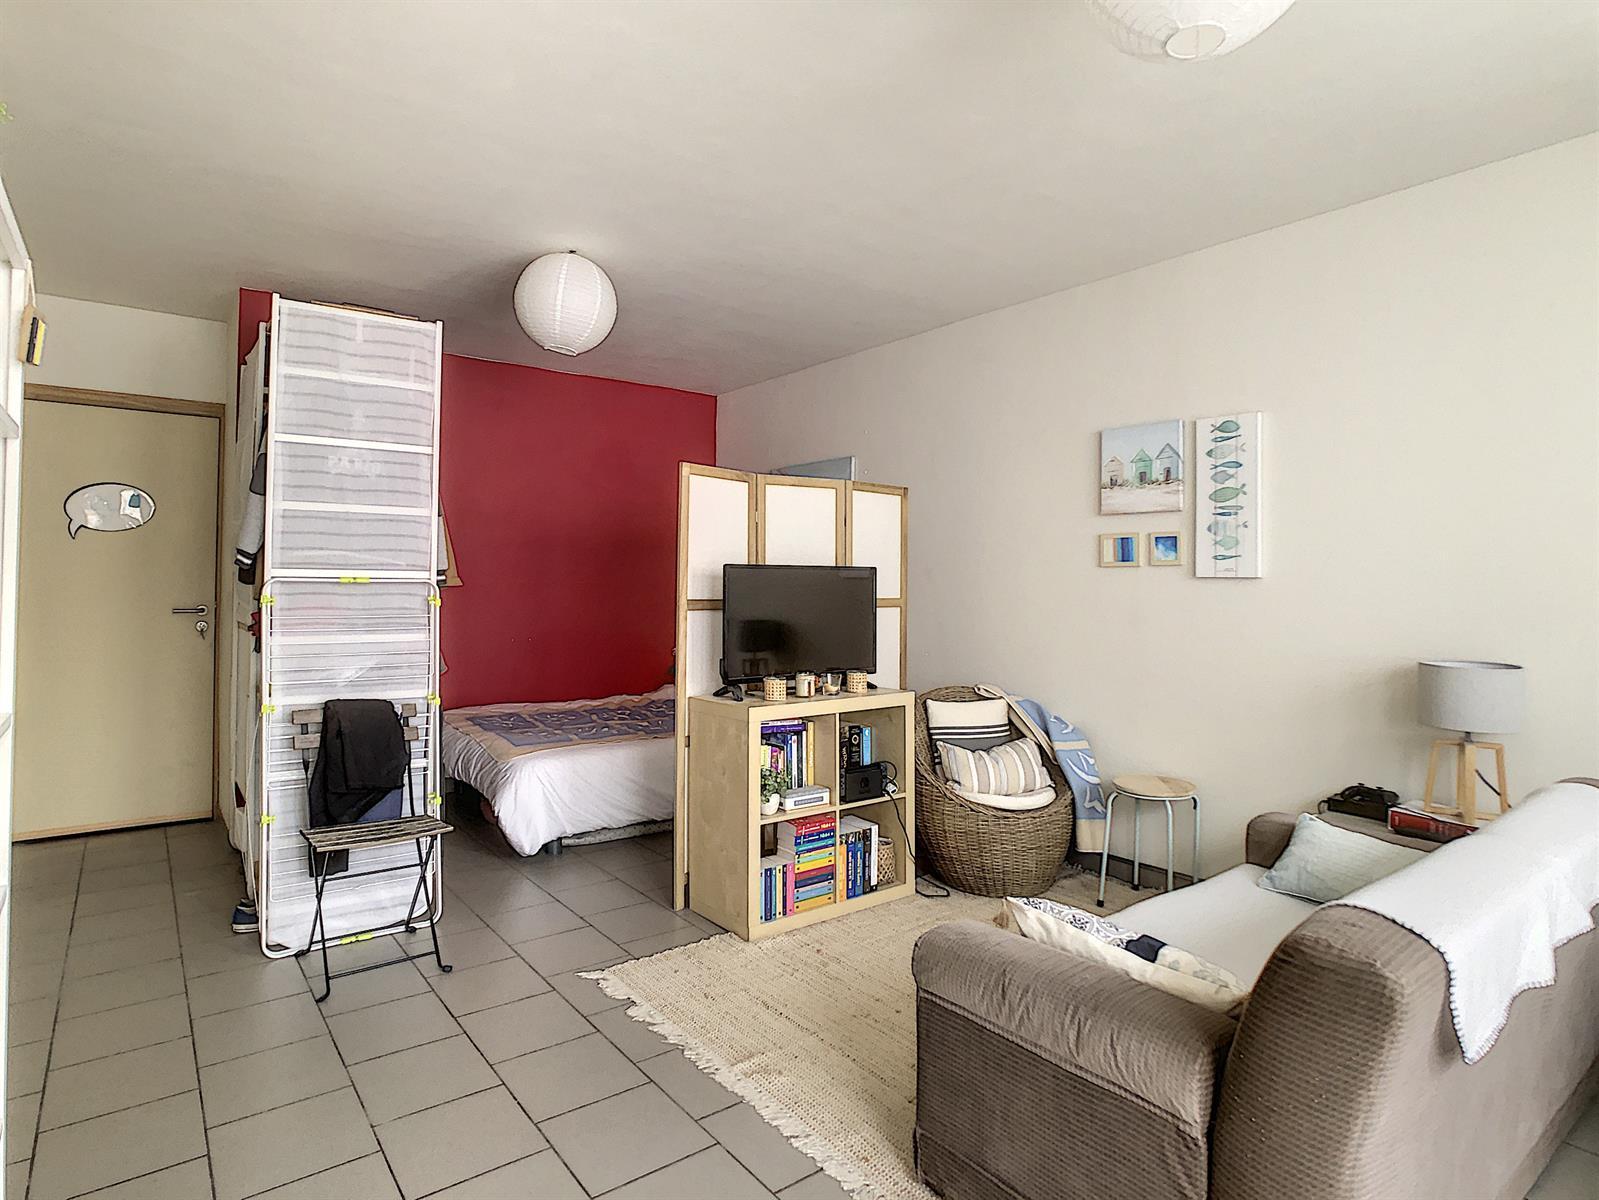 Studio - Ottignies-Louvain-la-Neuve - #4283726-2